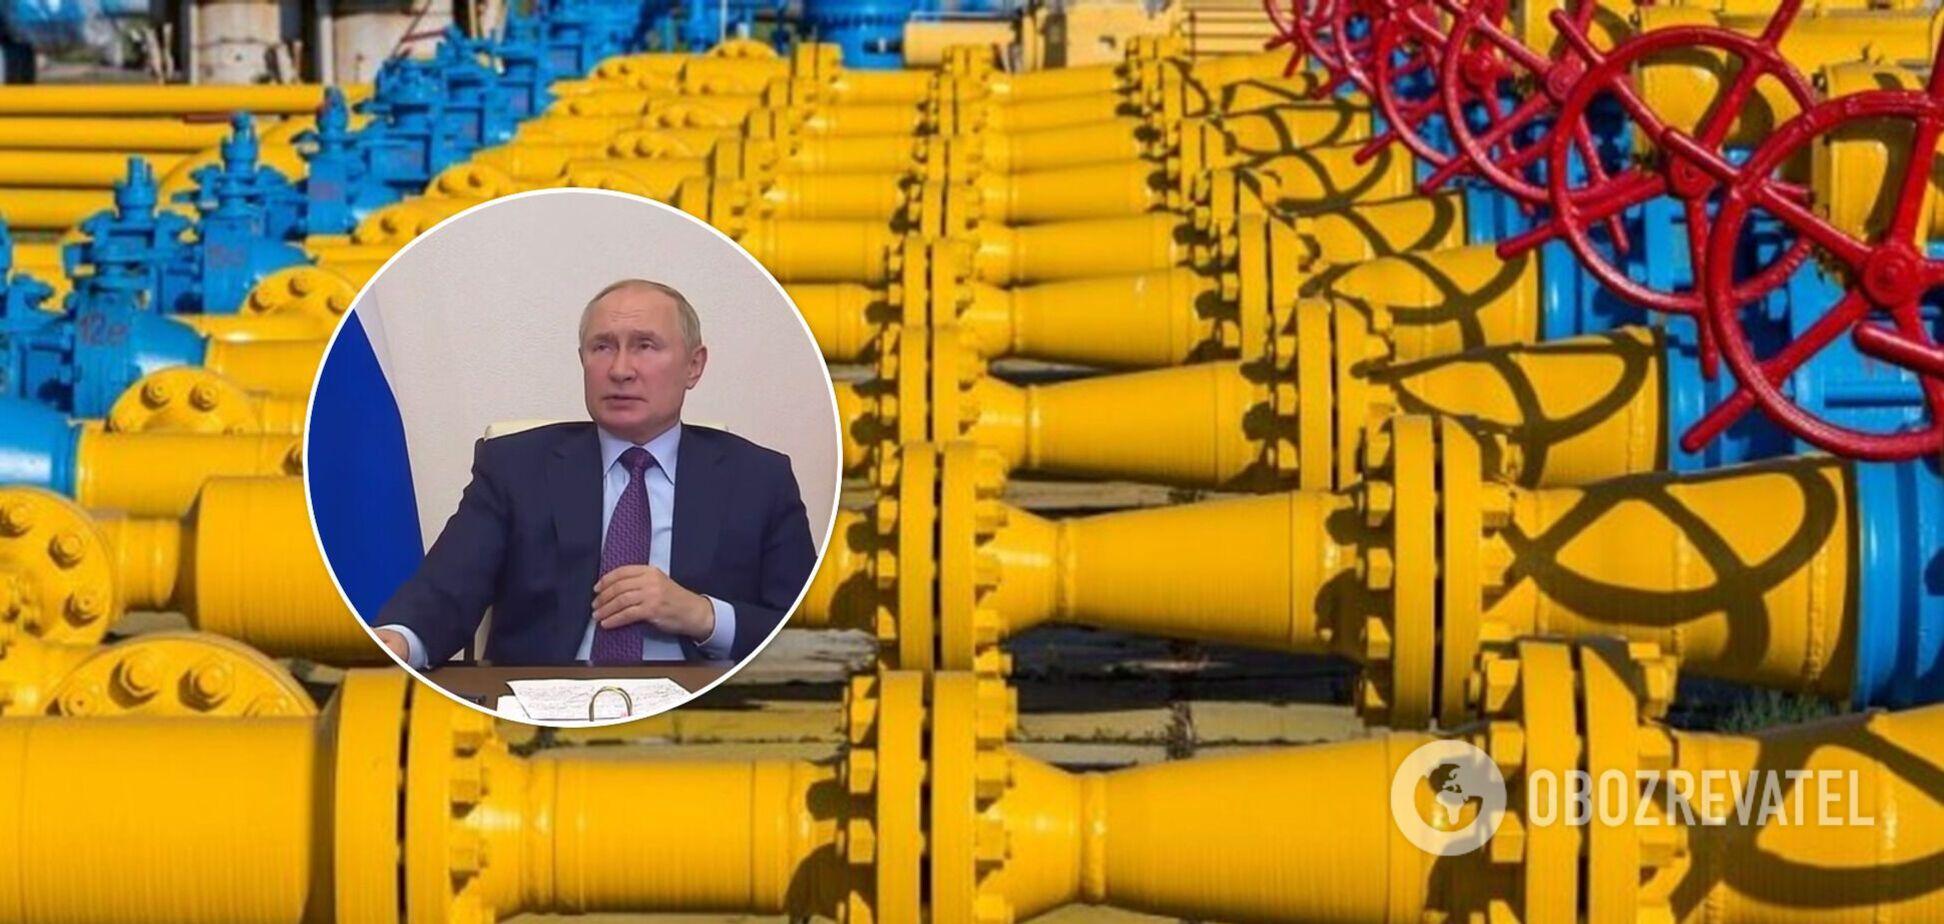 'Газпрому' выгоднее заплатить штраф: Путин заговорил о контракте с Украиной и экологии. Видео